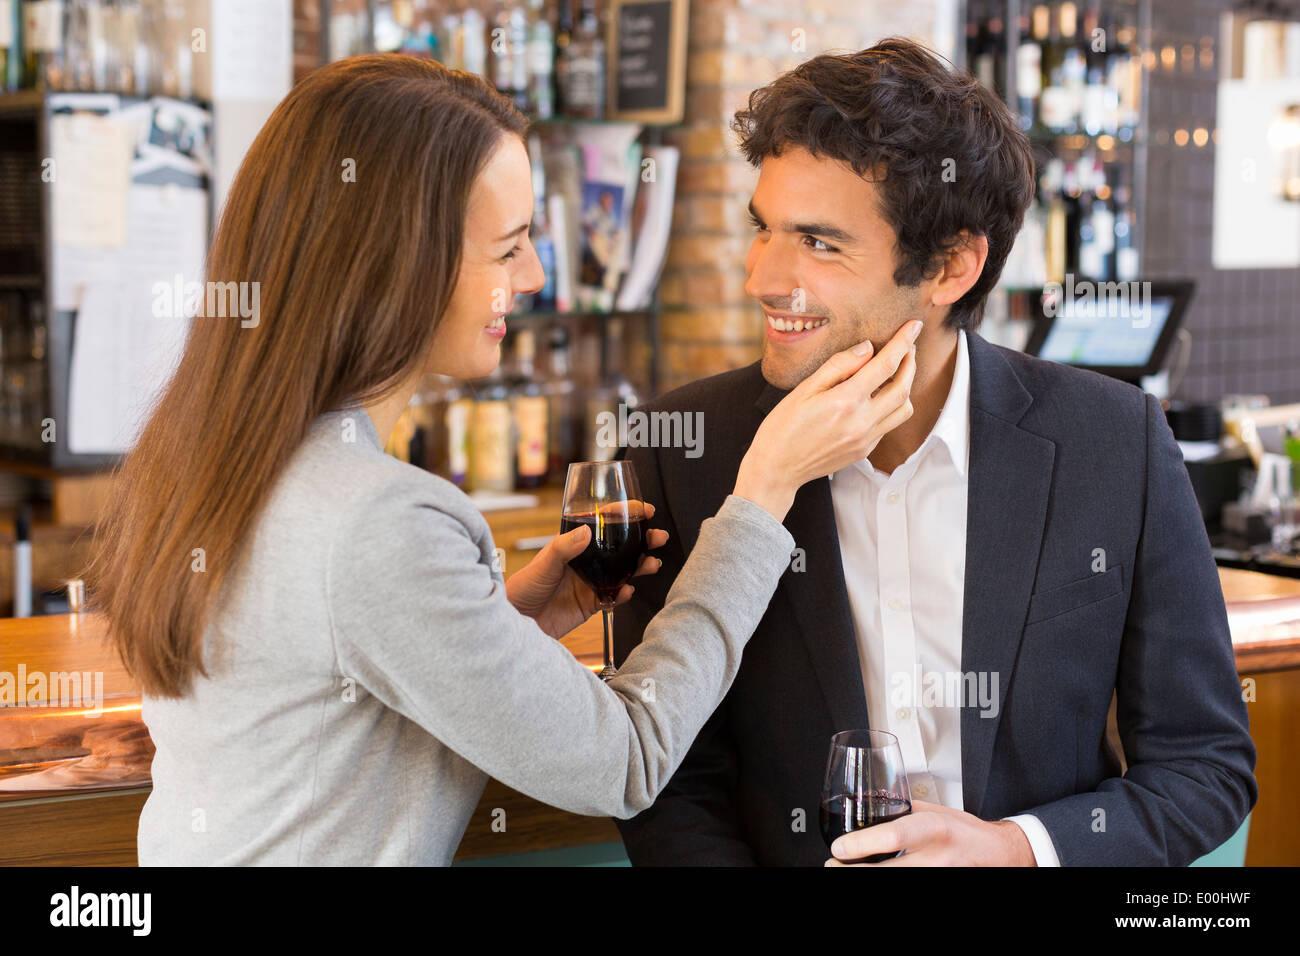 Donna Uomo allegro amante bere il caffè bar Immagini Stock